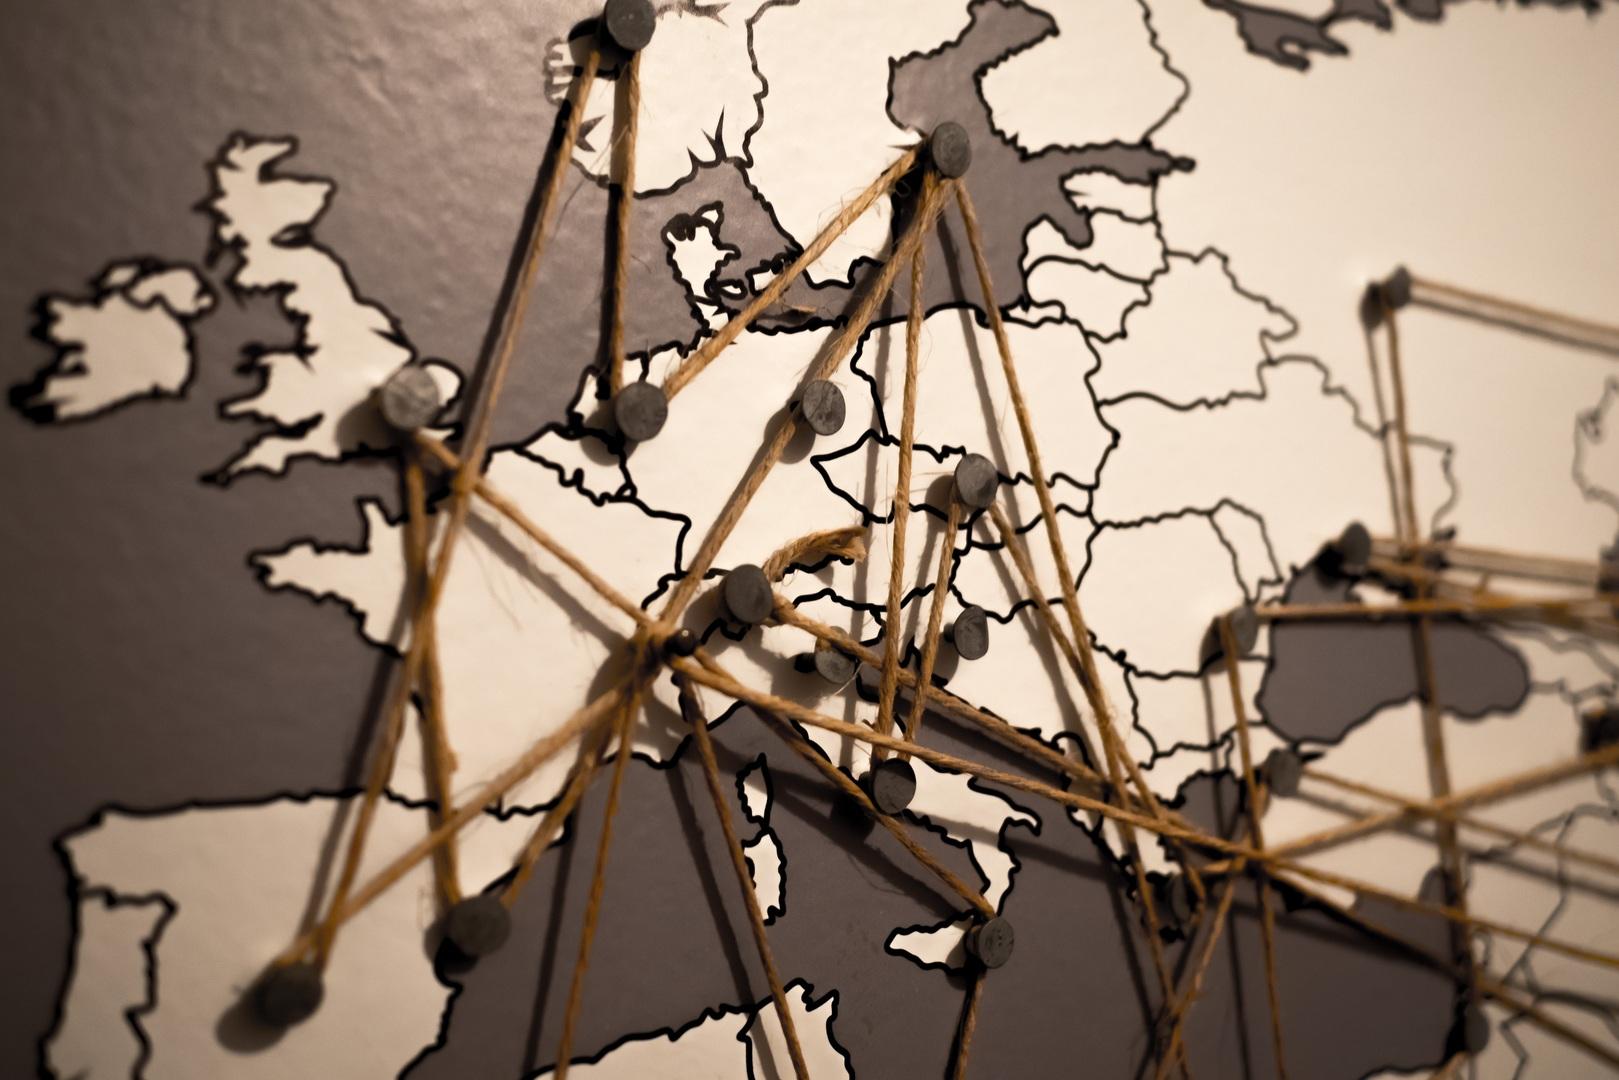 Carte de l'Europe qui montre les liens entre les différents pays